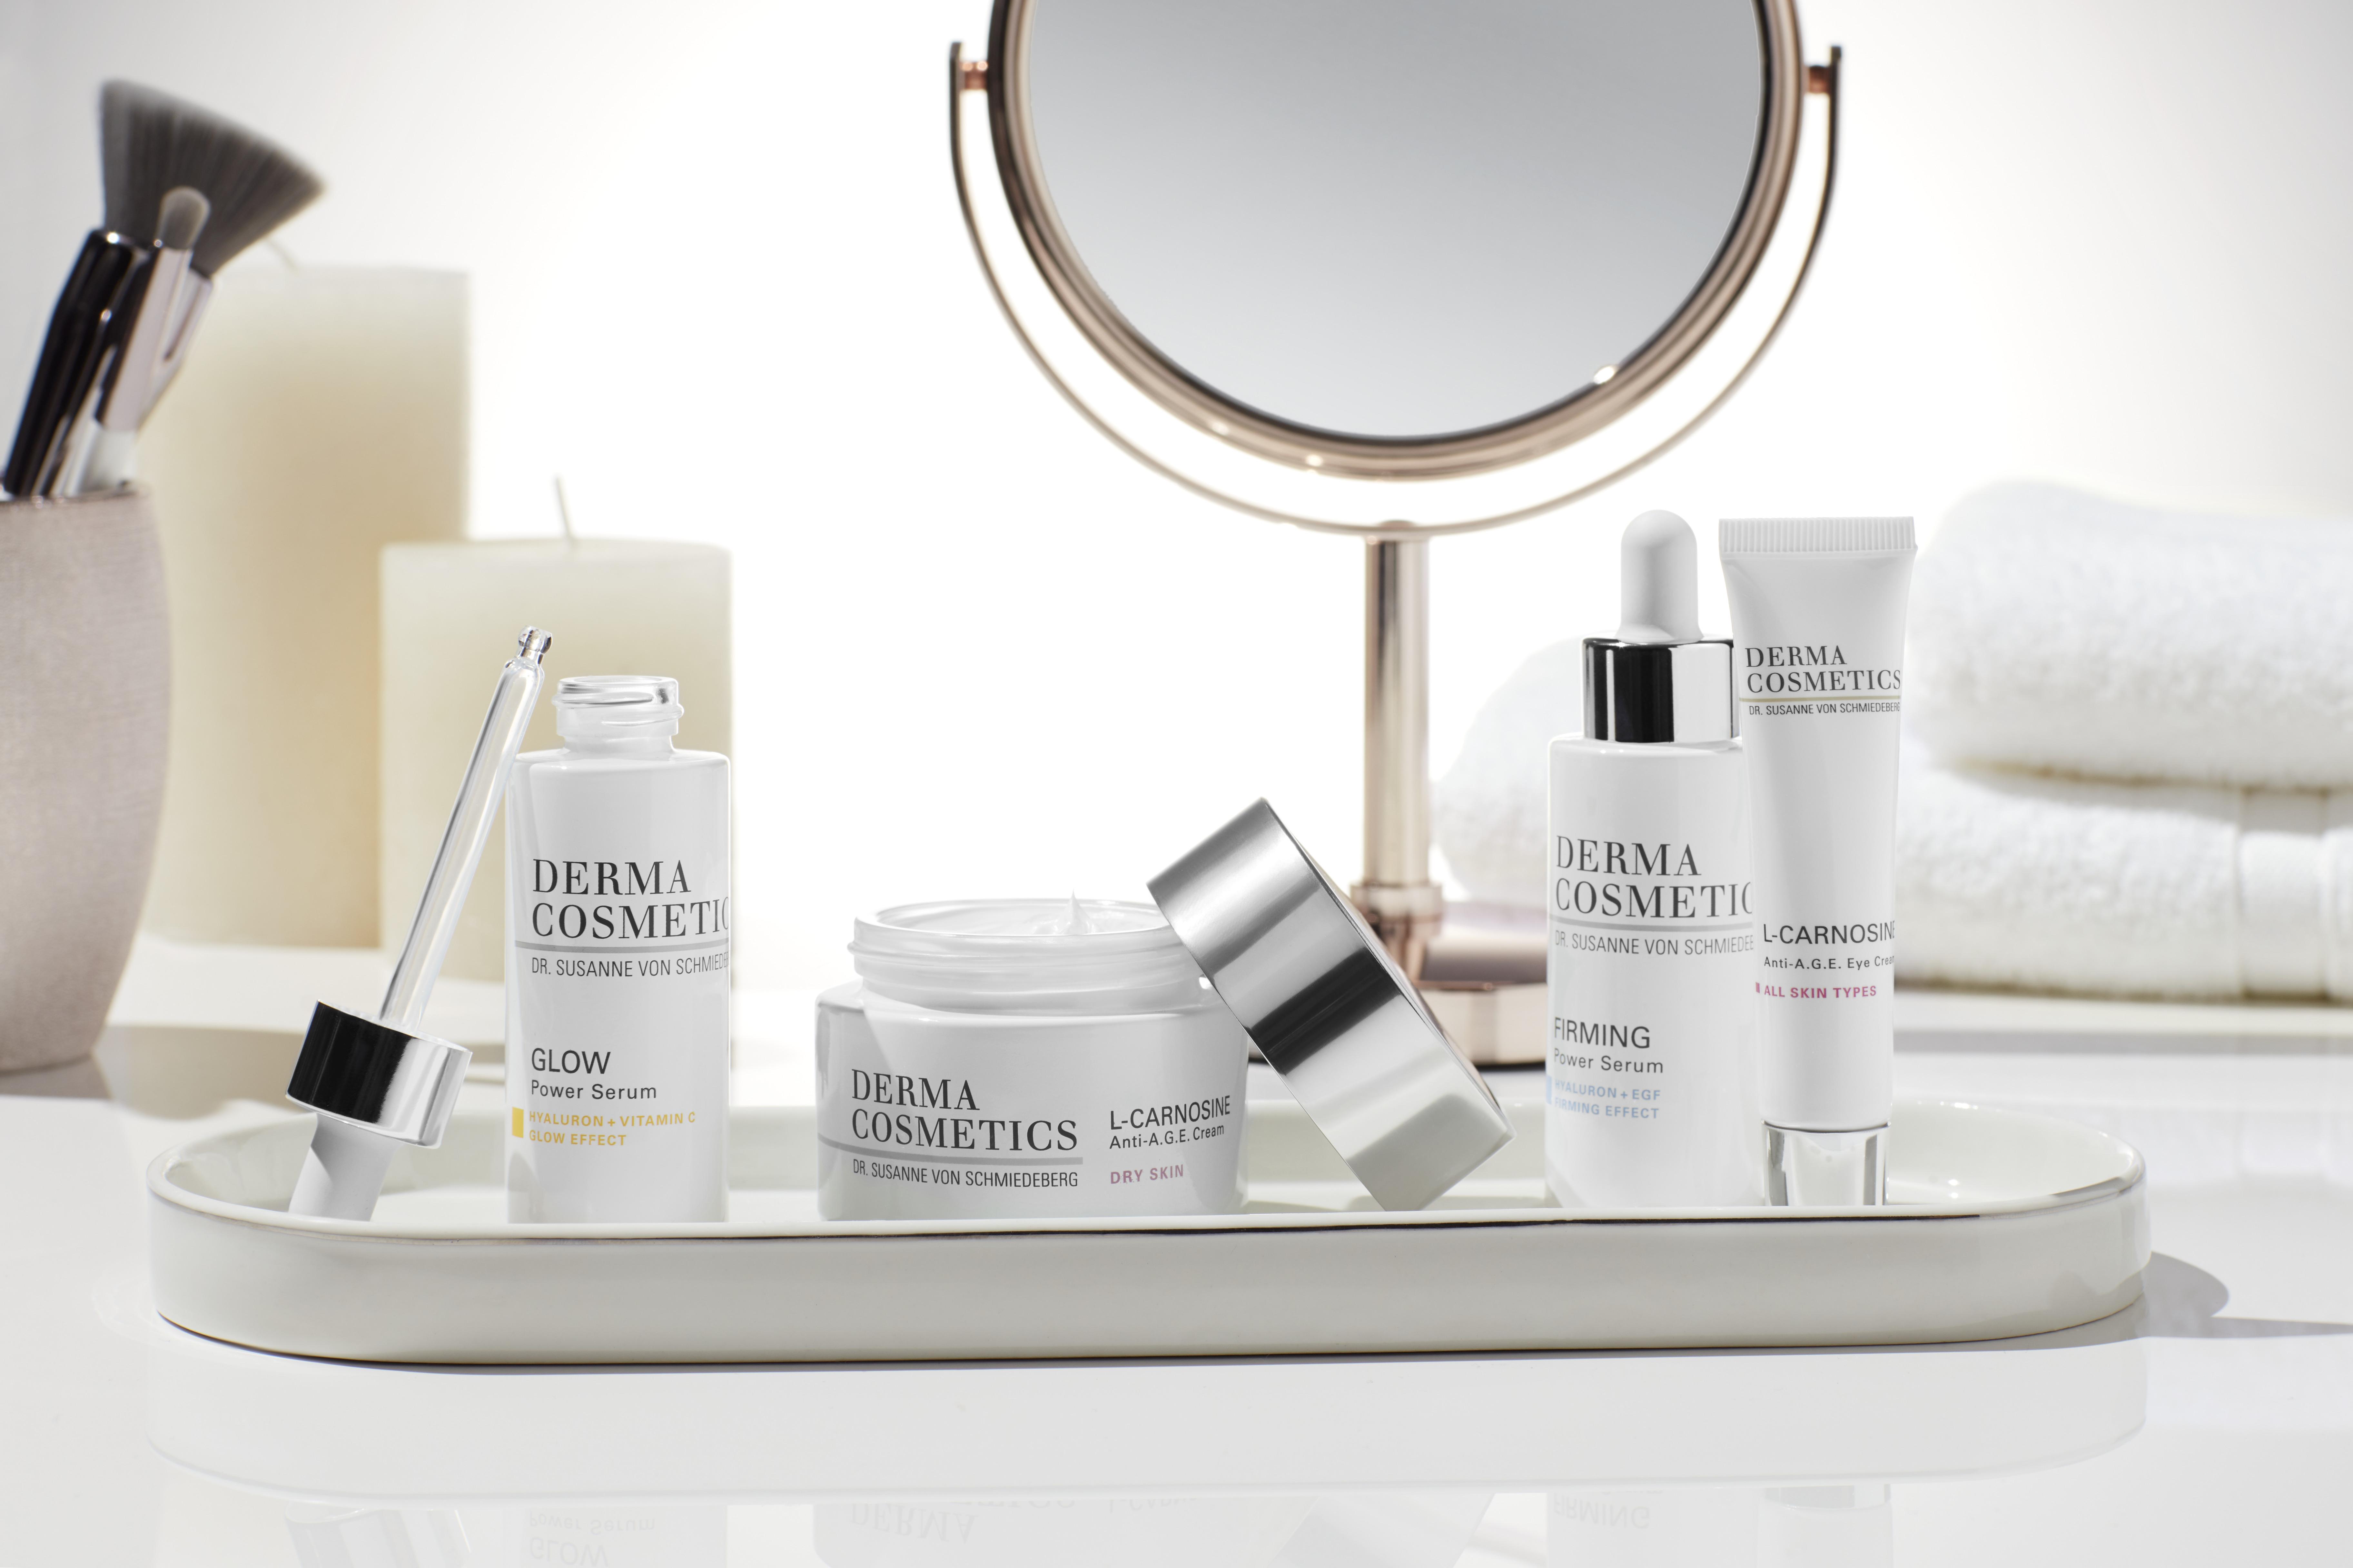 Skincare-product-dermacosmetics-lifestyle-cream-serum-mirror-unlimited-Original-File